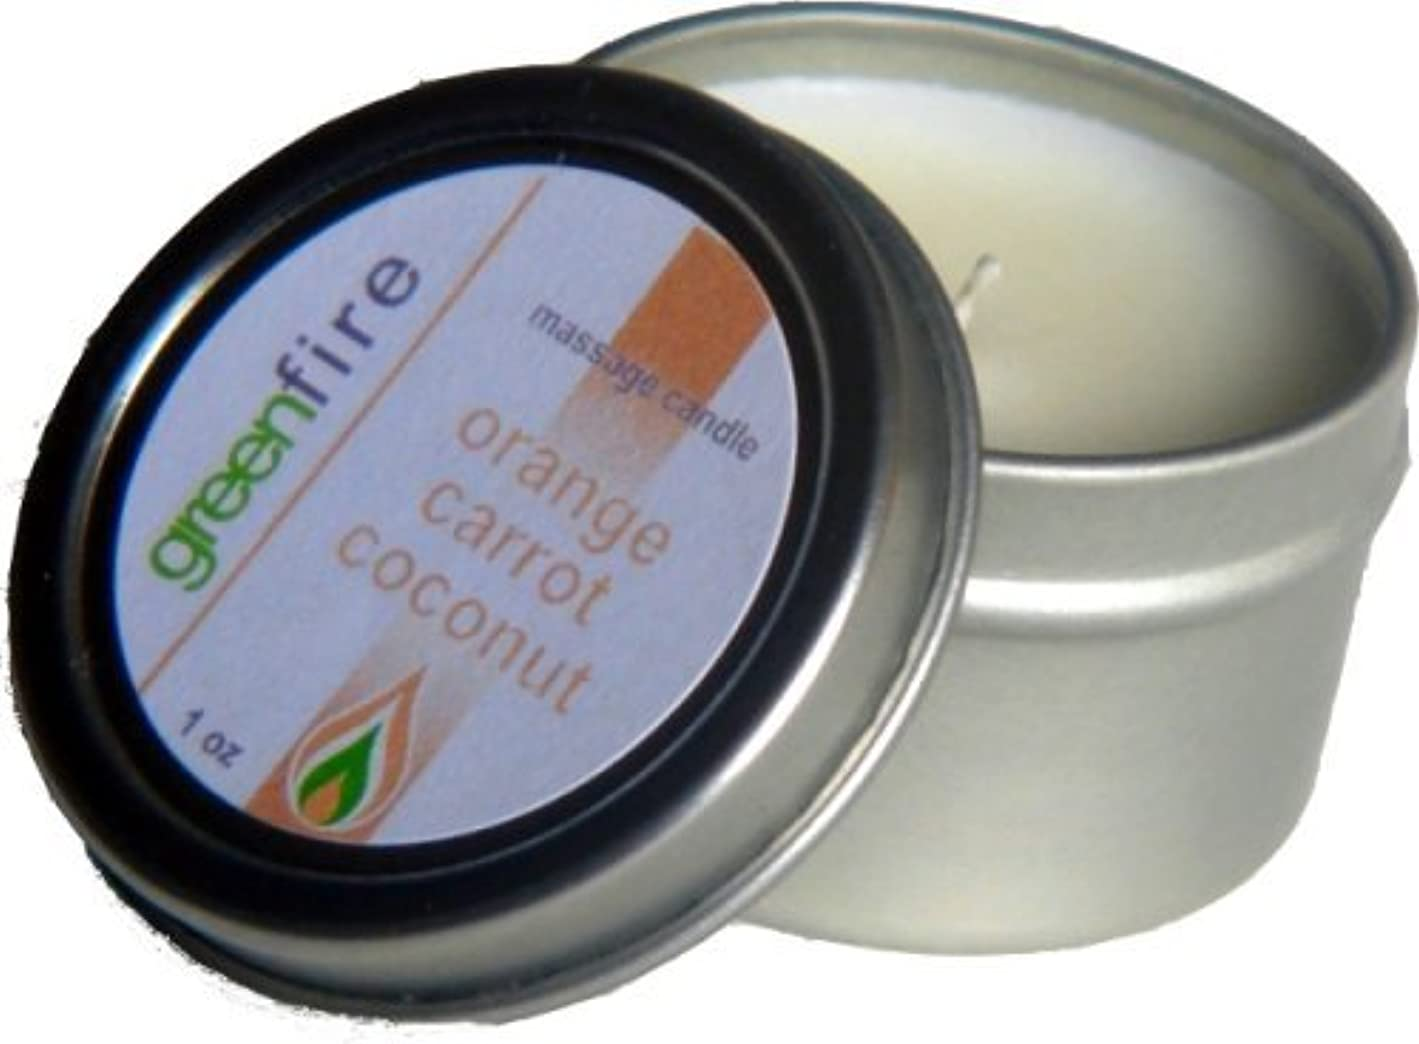 キャベツスロット計算グリーンファイヤーマッサージキャンドル/3パック入り オレンジ?キャロット?ココナッツの香り(サイズ:29.6mL、59.1mL、118.3mL)